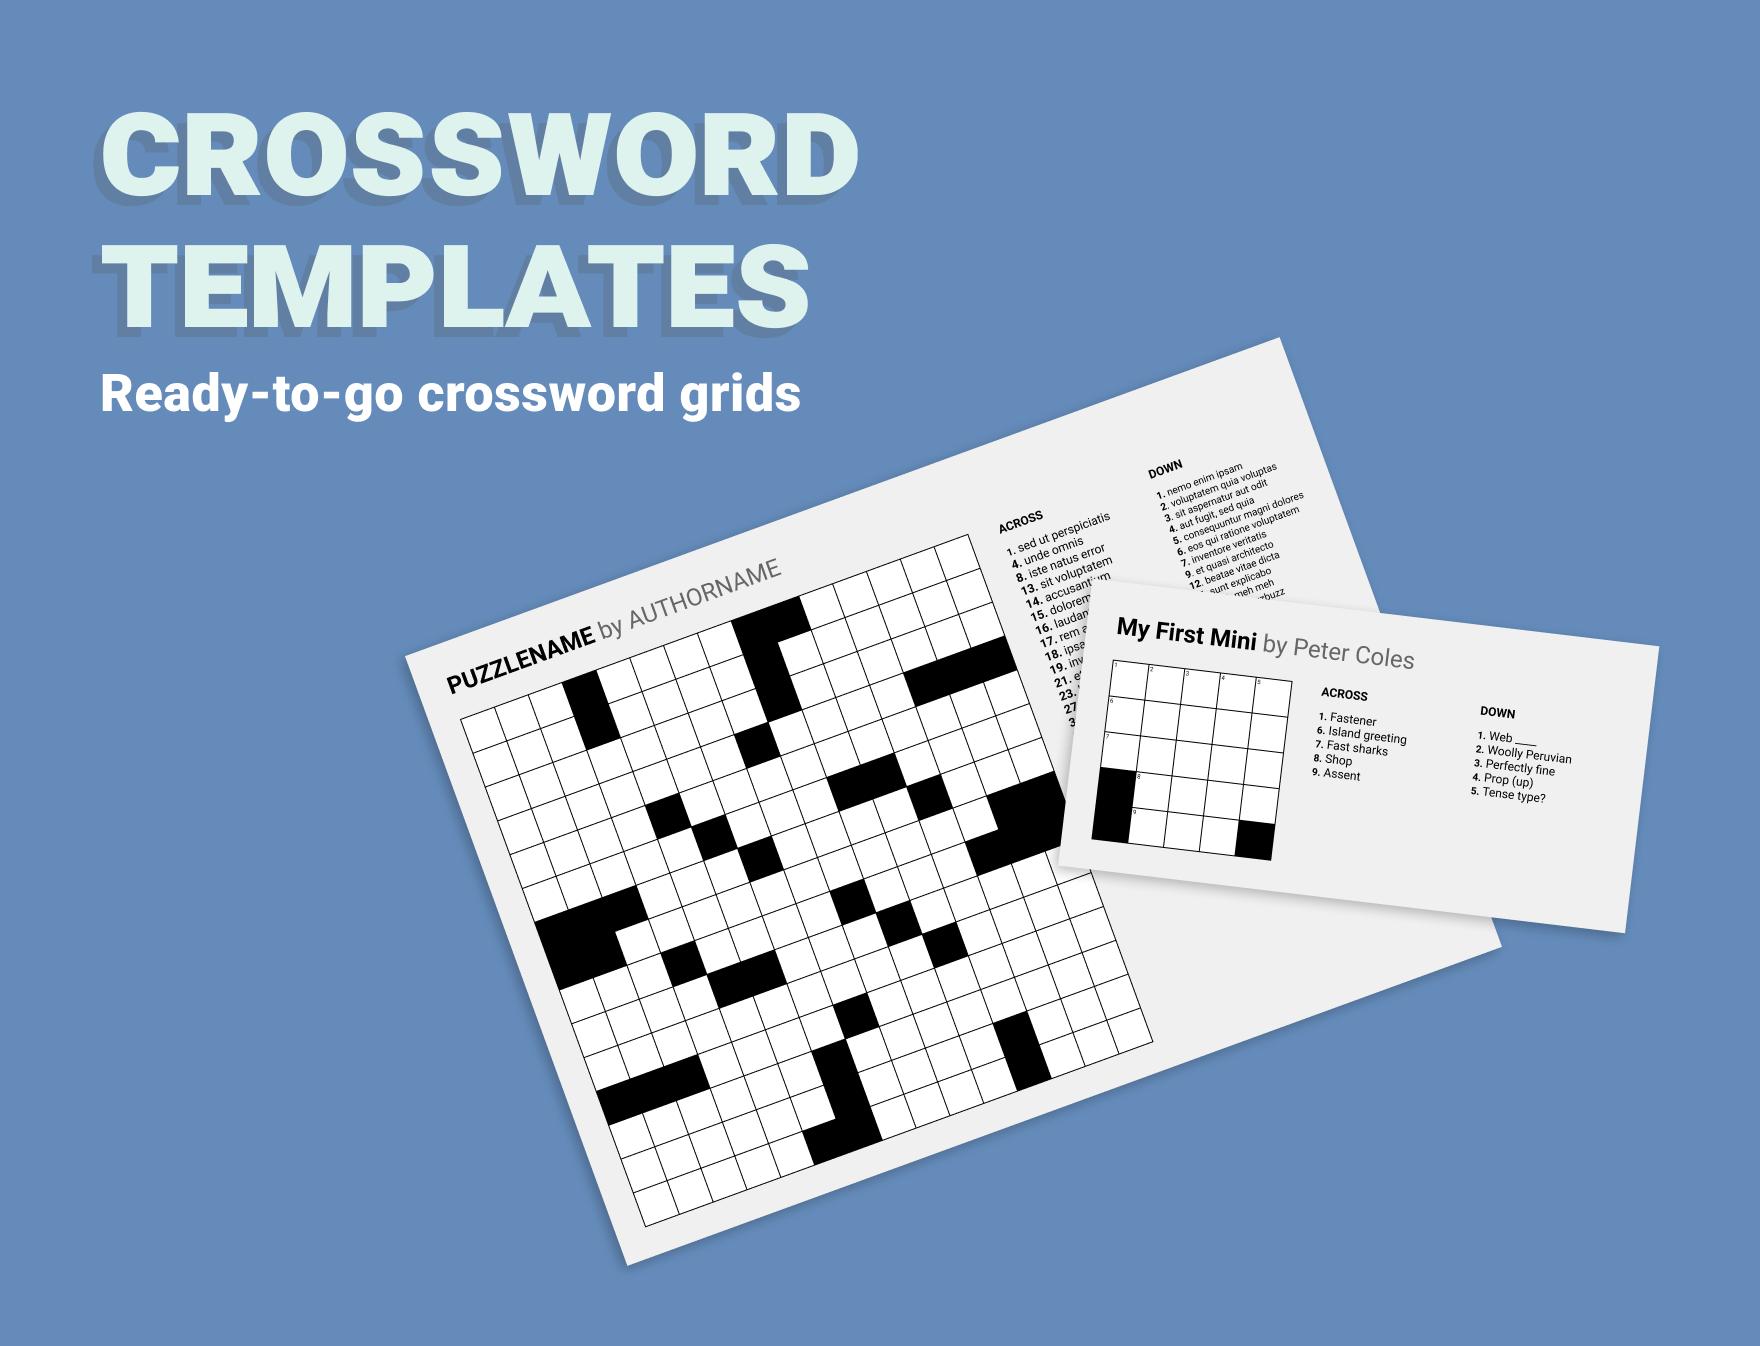 Crossword templates Figma file